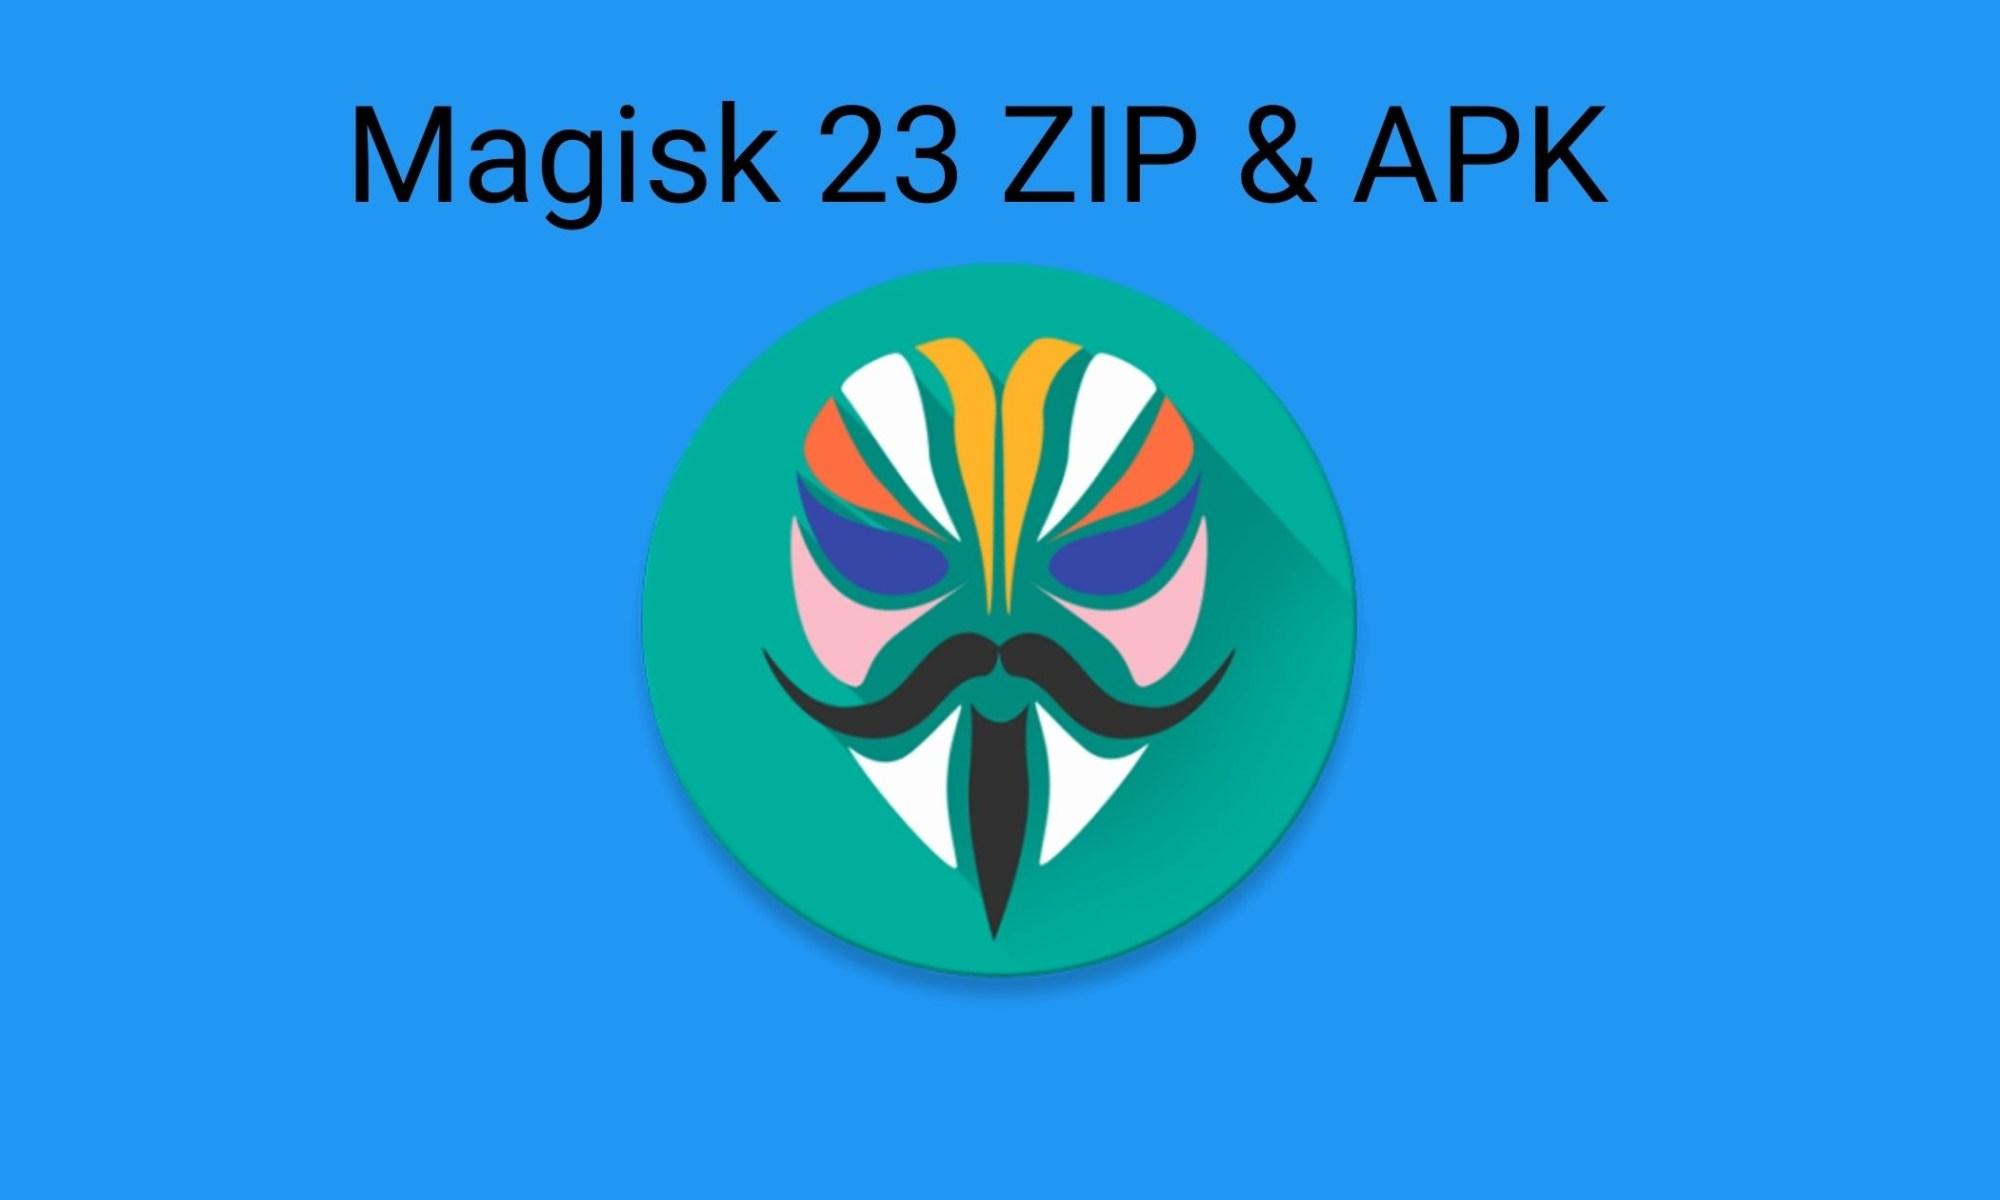 Magisk 23 ZIP and APK Download